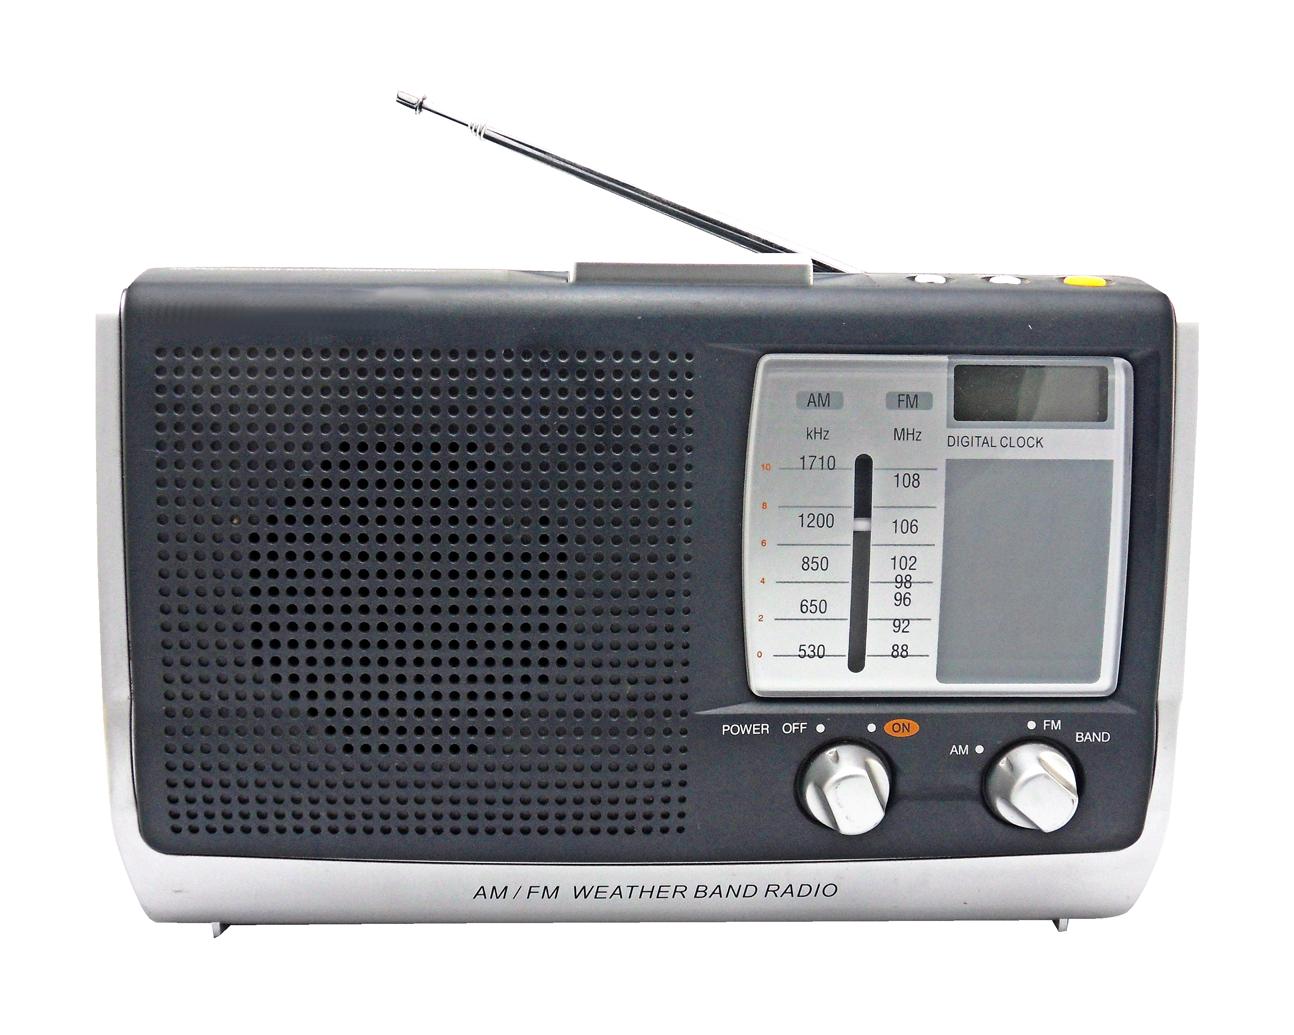 the radio on emaze